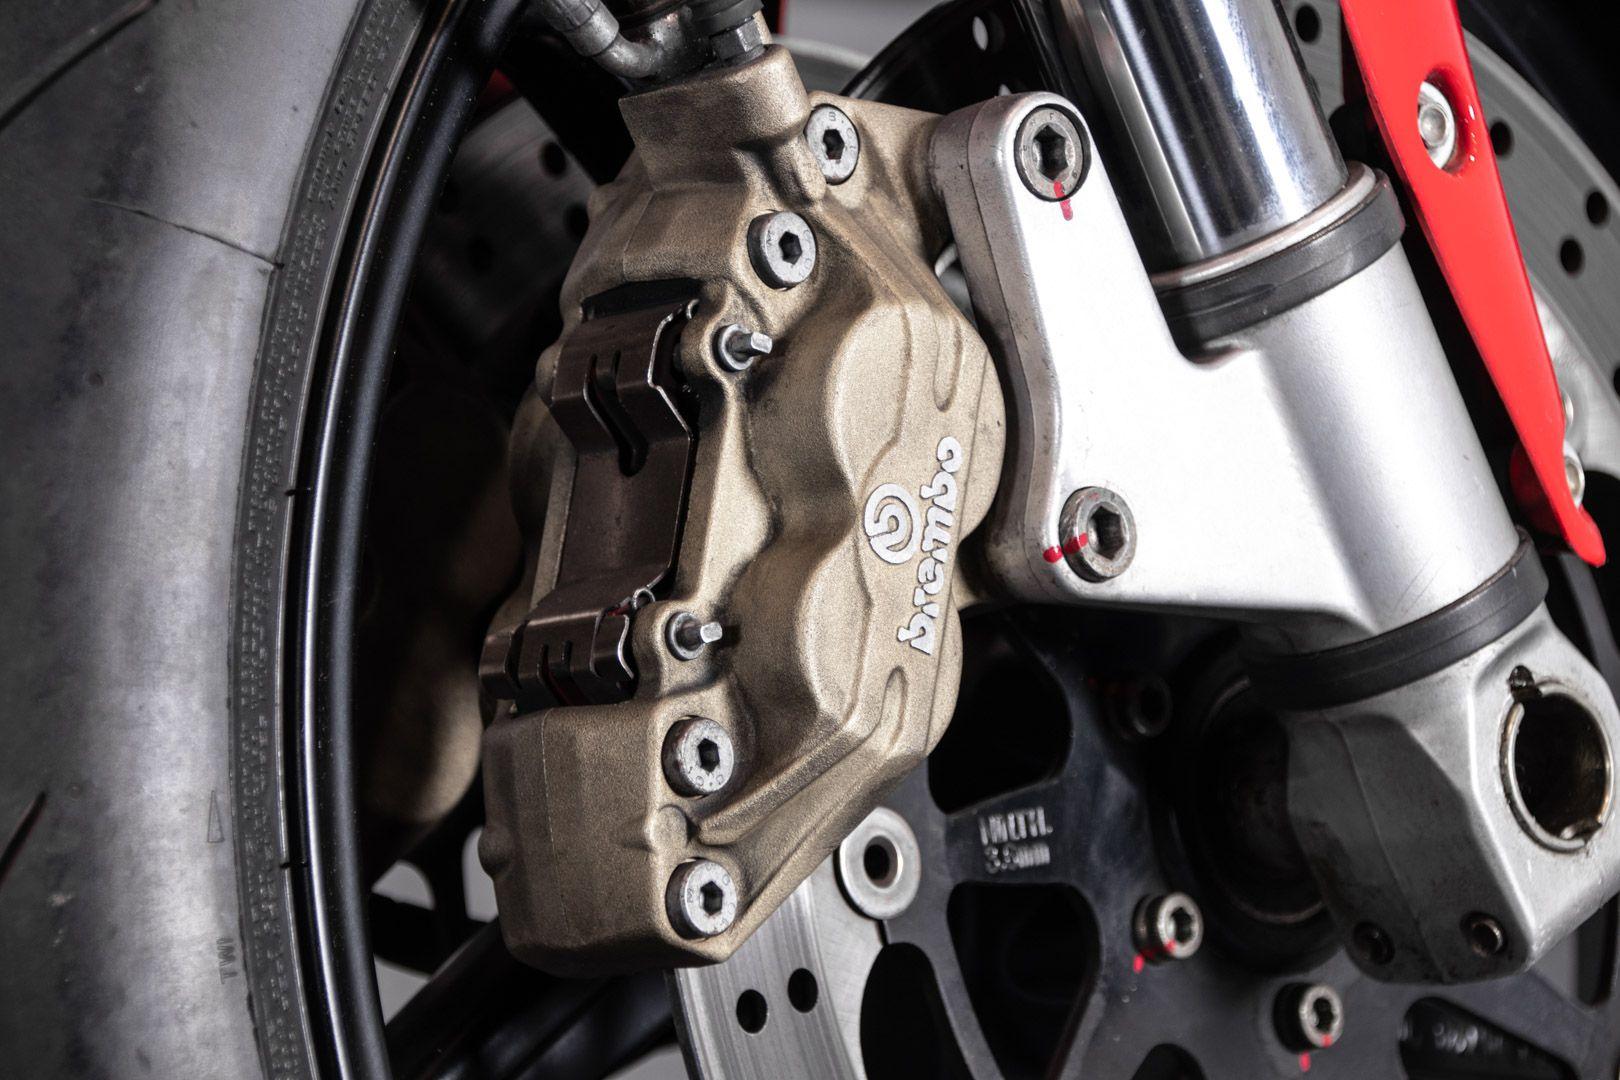 2001 Ducati Monster S4 916 83364